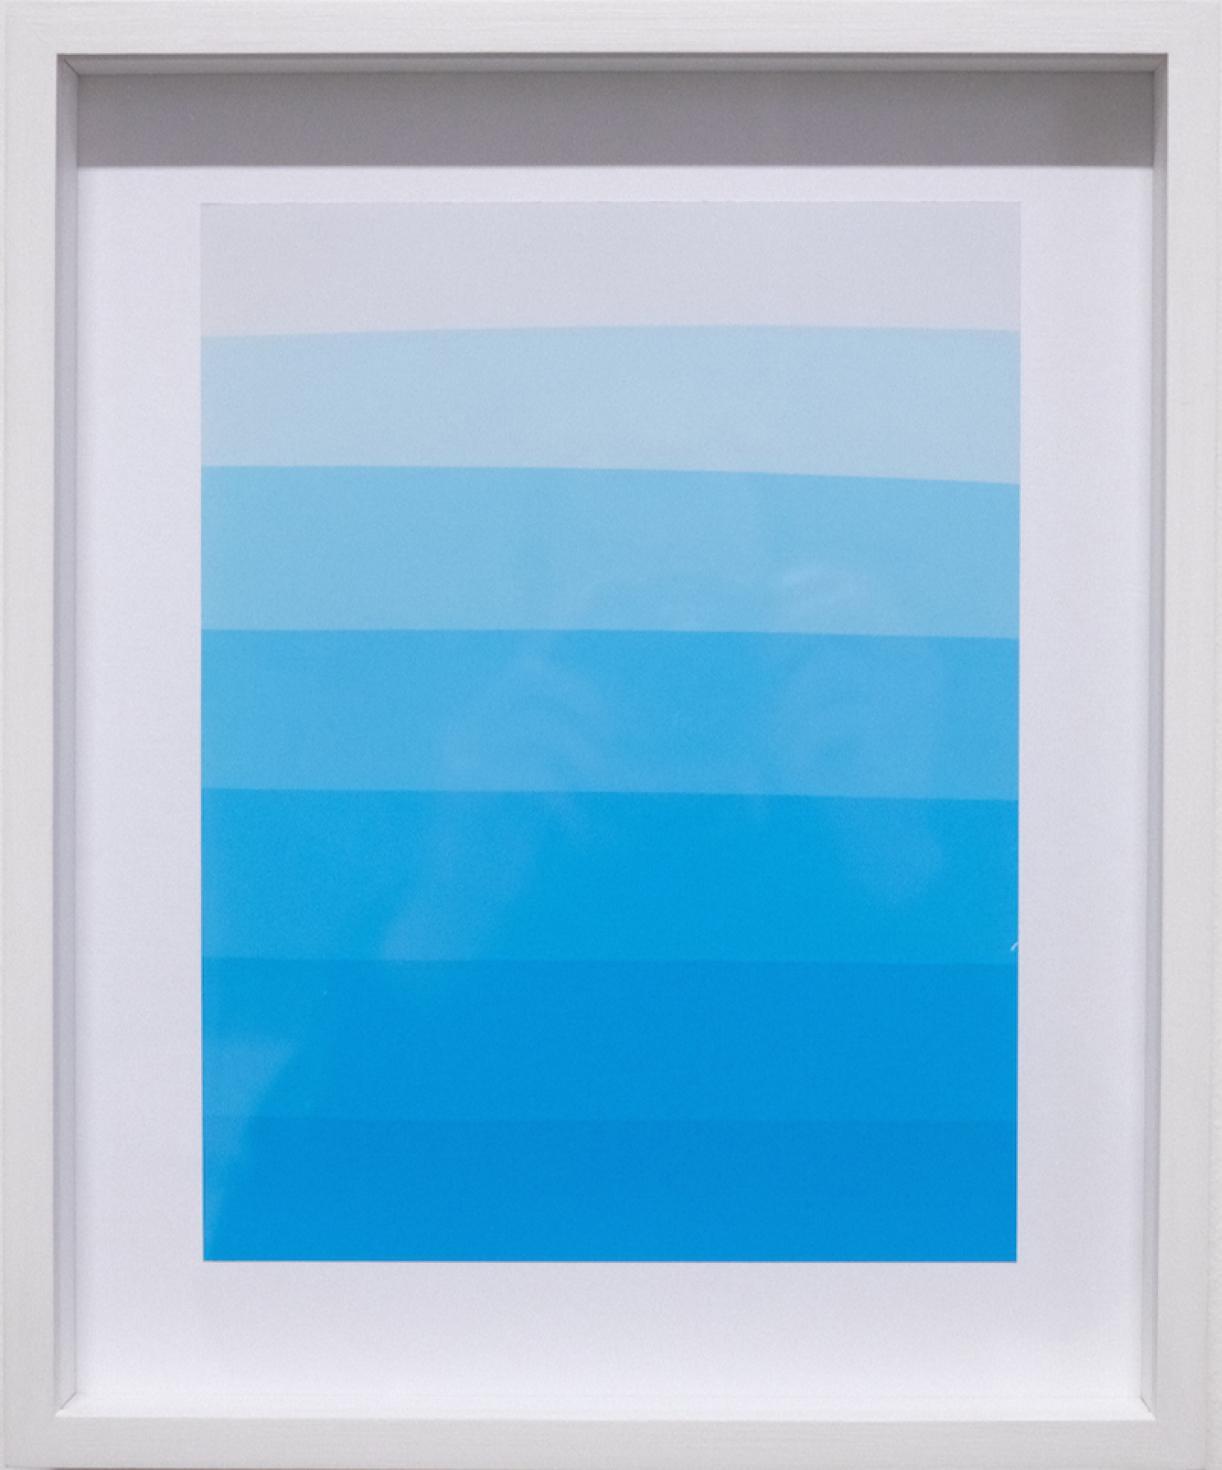 Photogram (Color gradient blue), photographic paper, 34 x 29 cm framed